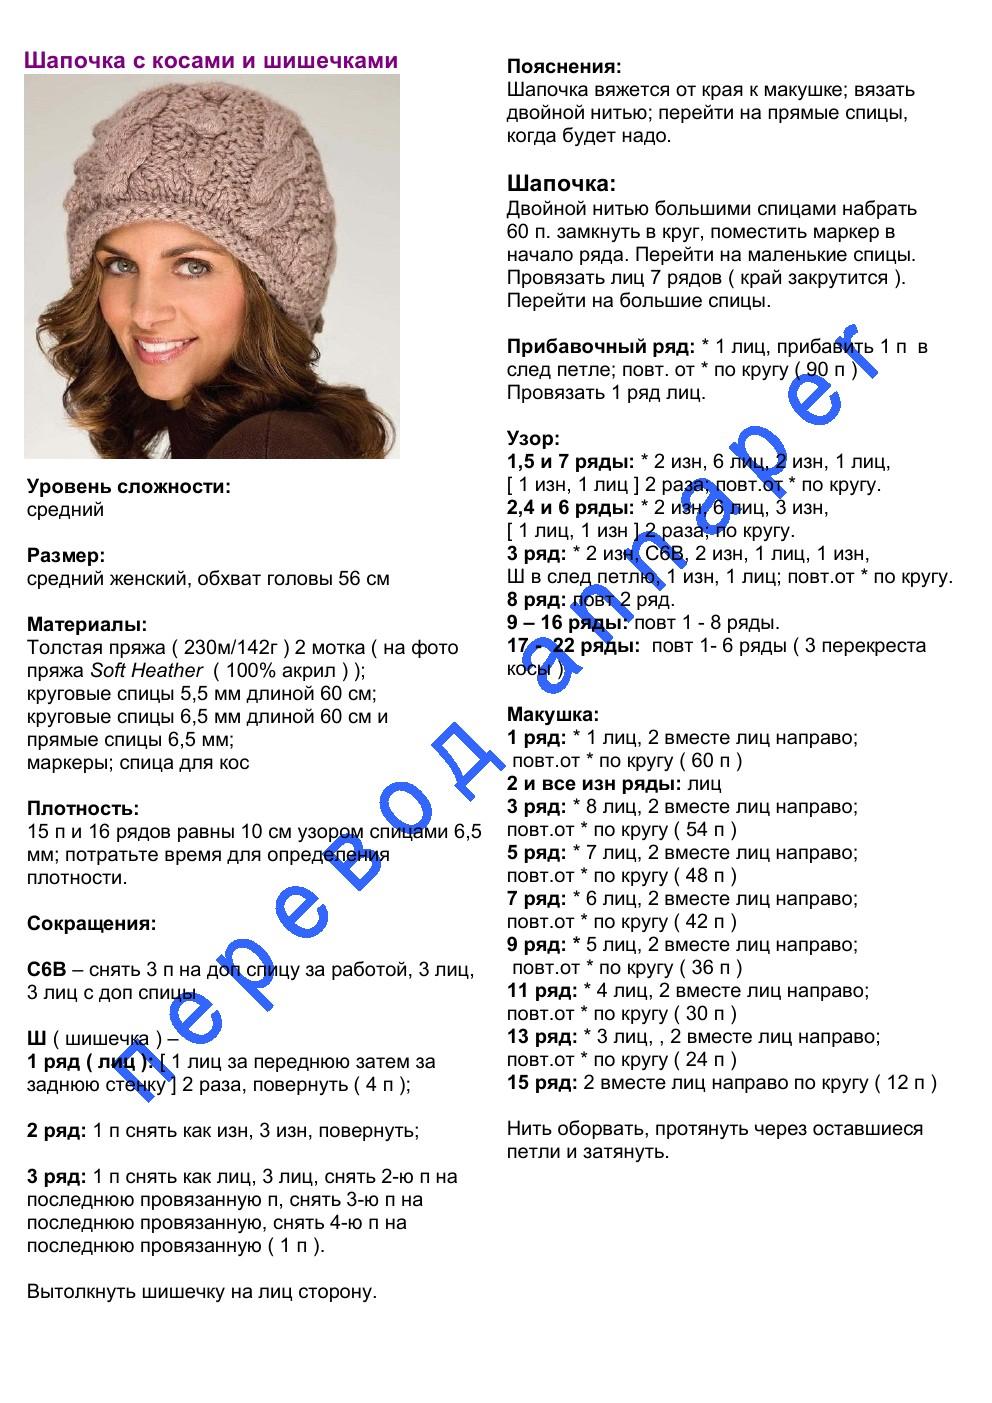 Вязание шапок с косами спицами с описанием